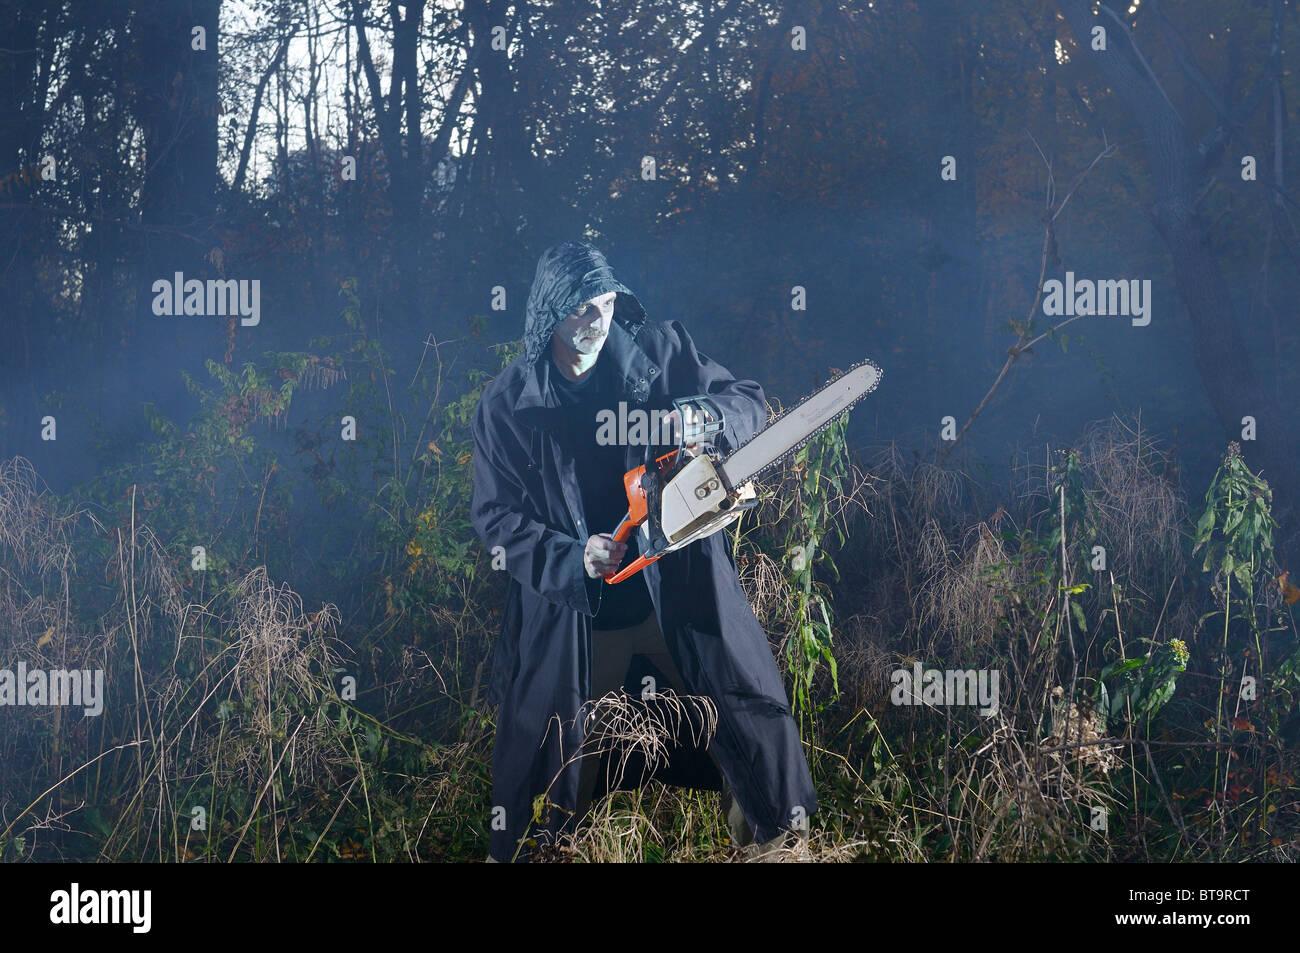 Effrayant sinistre homme en manteau noir avec une tronçonneuse dans une forêt brumeuse à l'automne Photo Stock